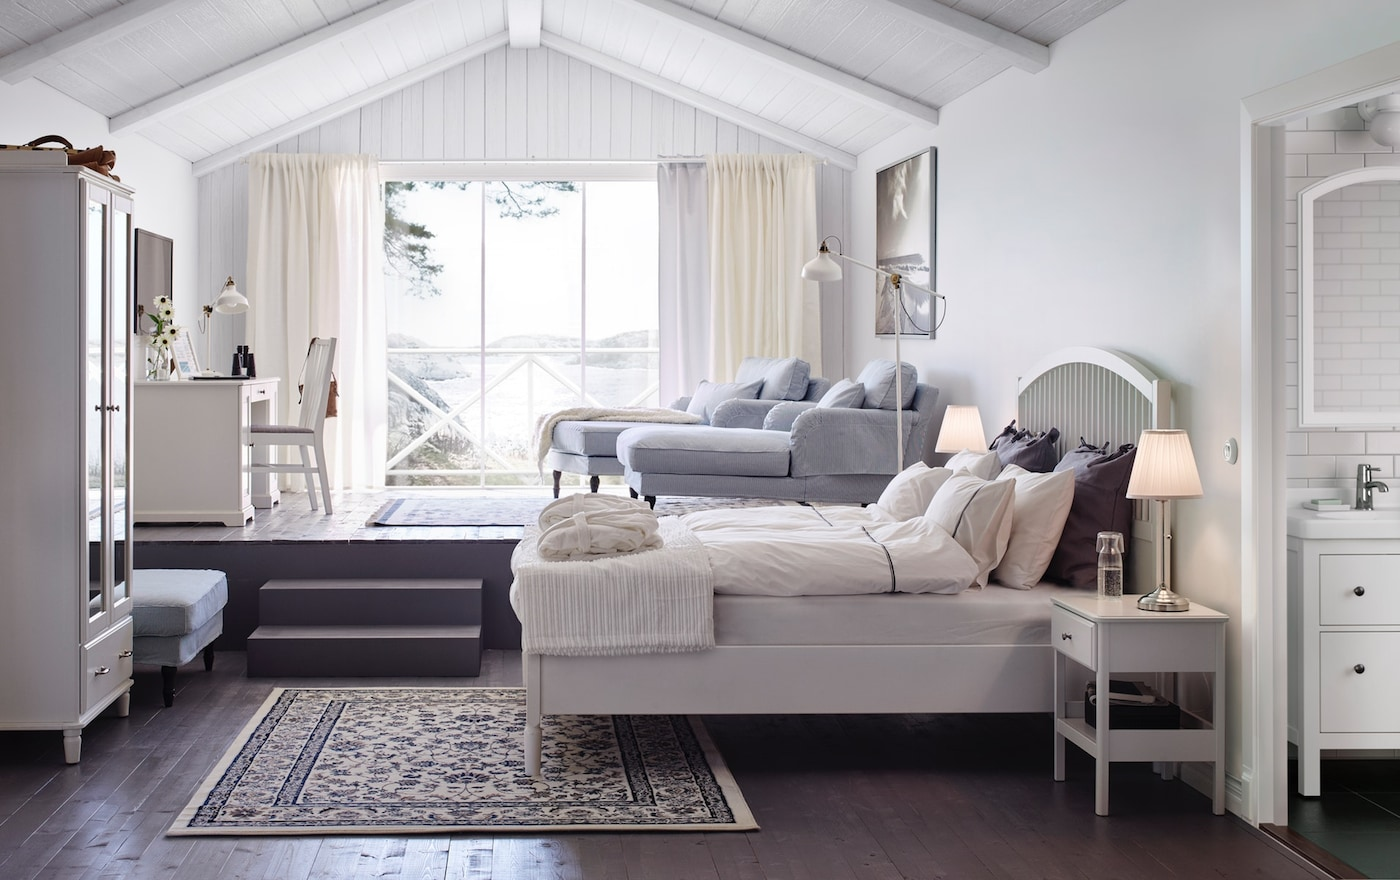 Дизайн светлой спальни с белой двуспальной кроватью с прикроватными столиками и шкафом с зеркальными дверцами - фото интерьера